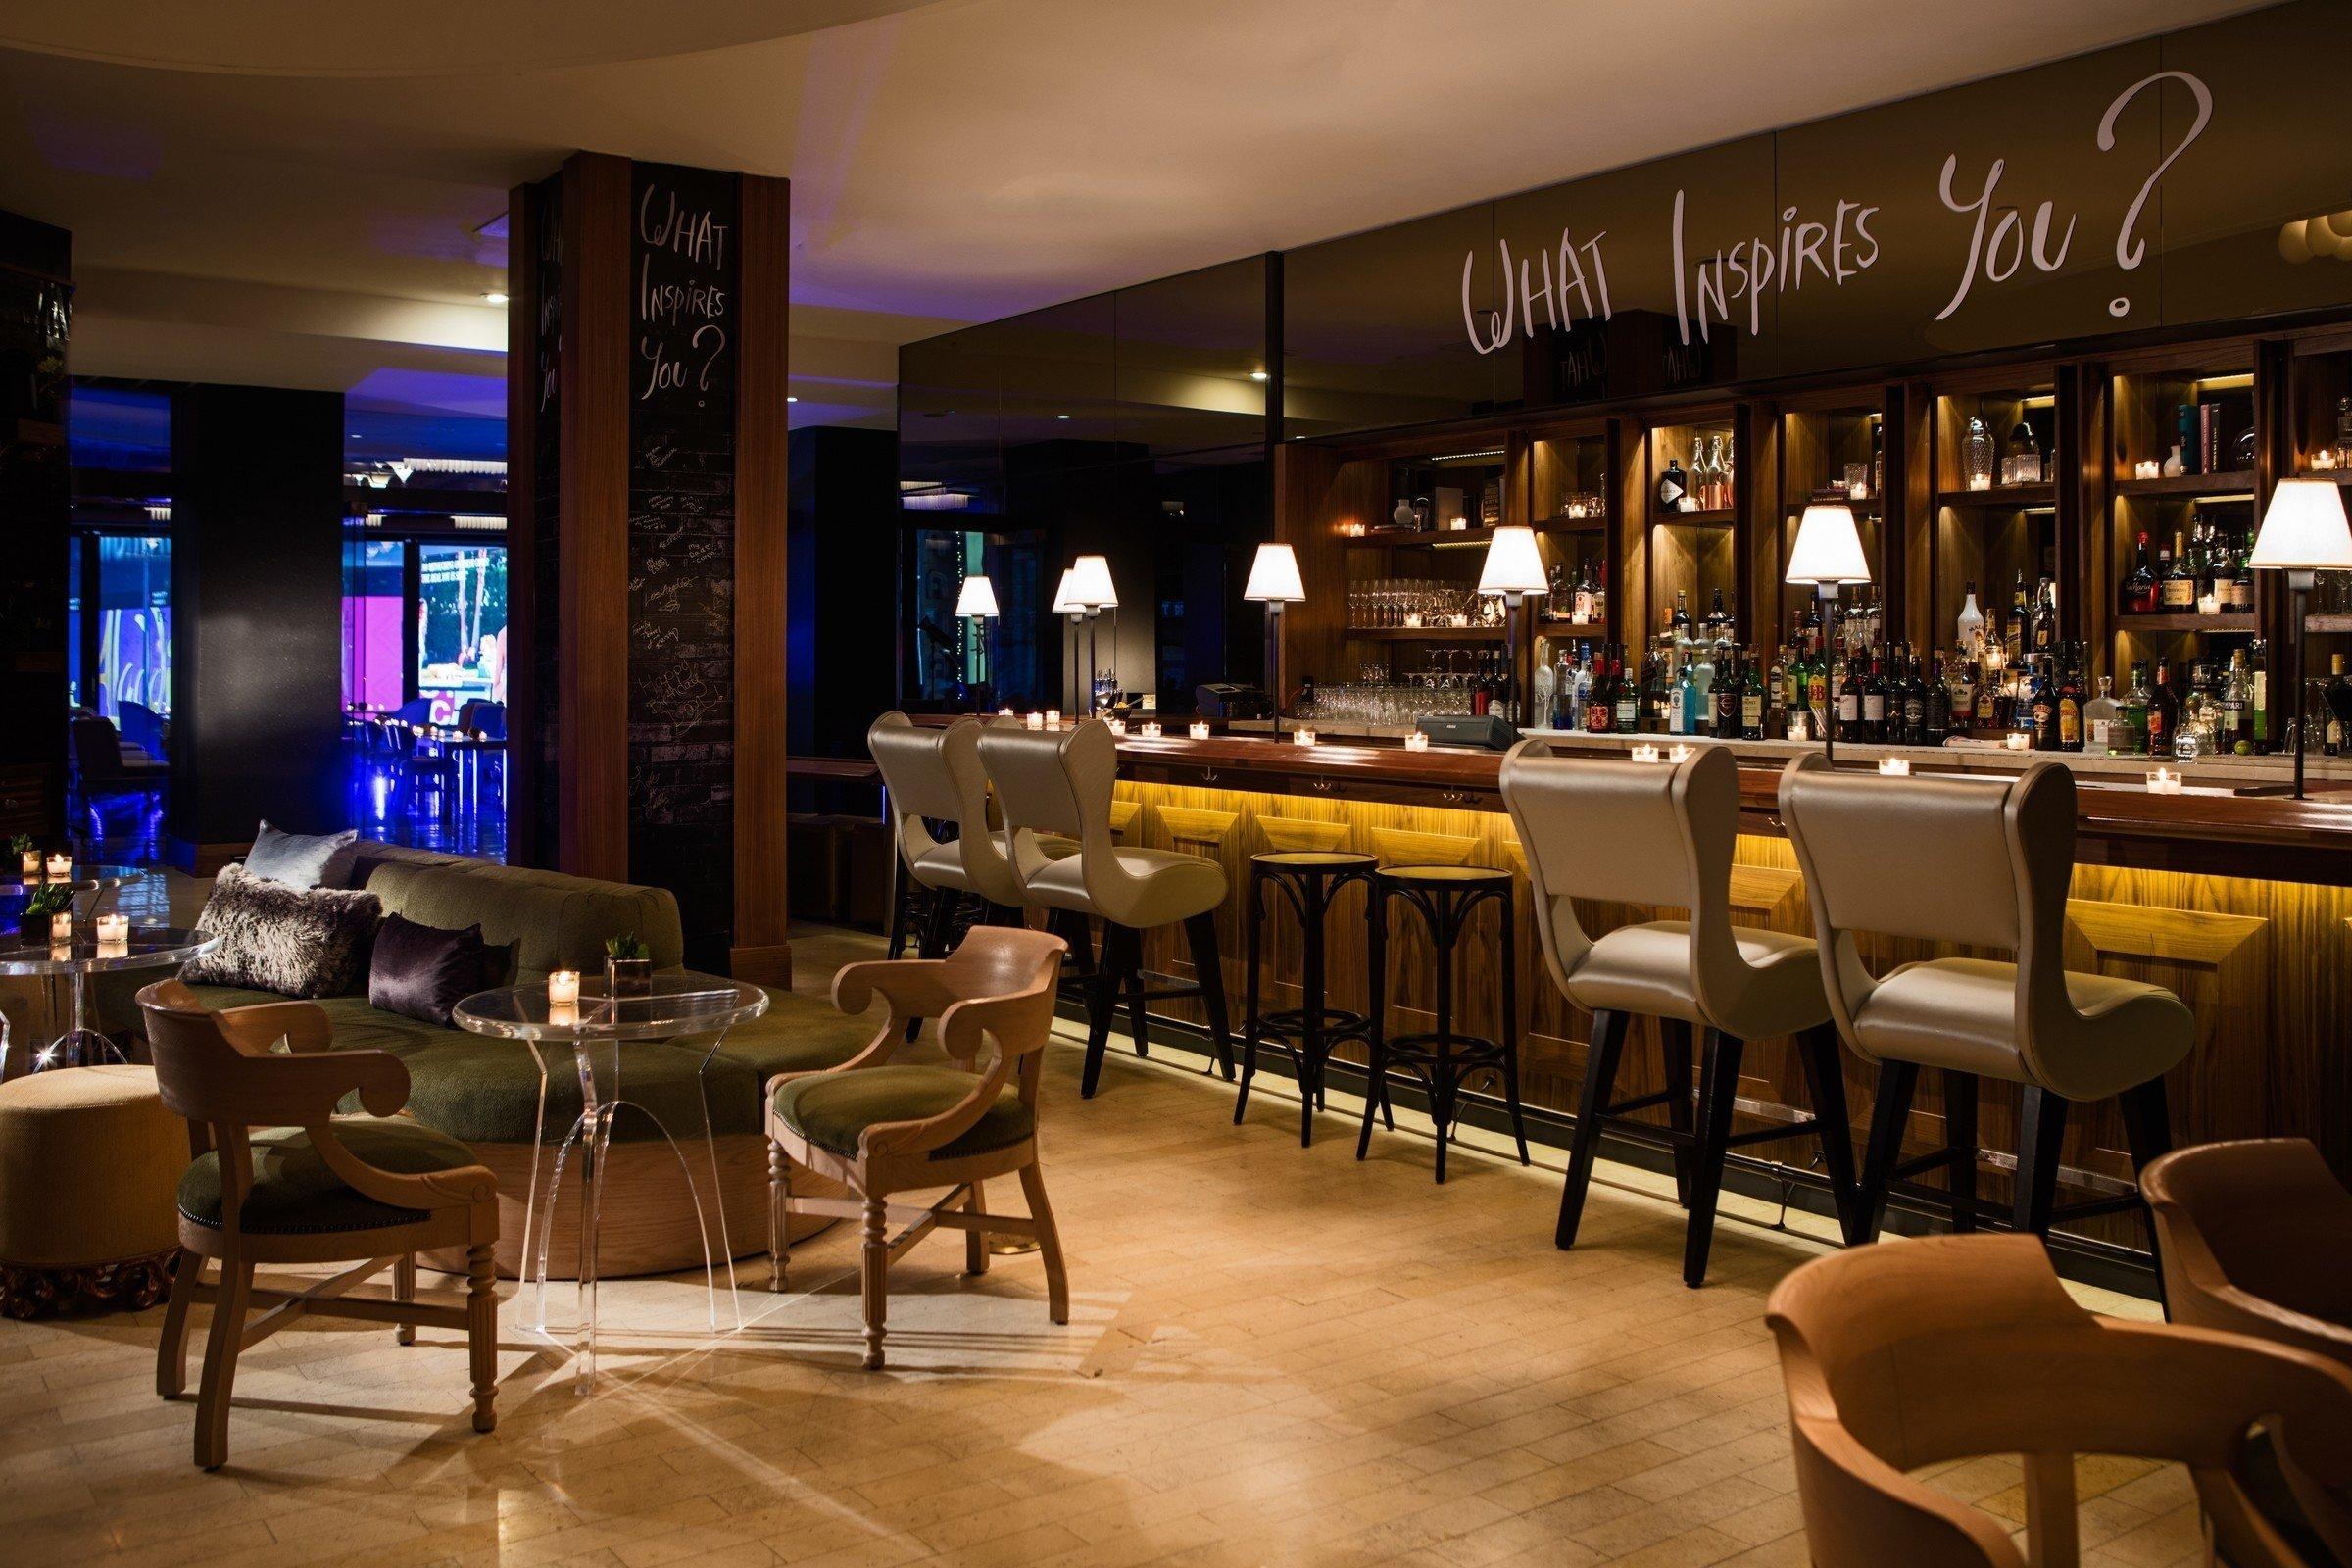 chair restaurant Bar Dining café function hall